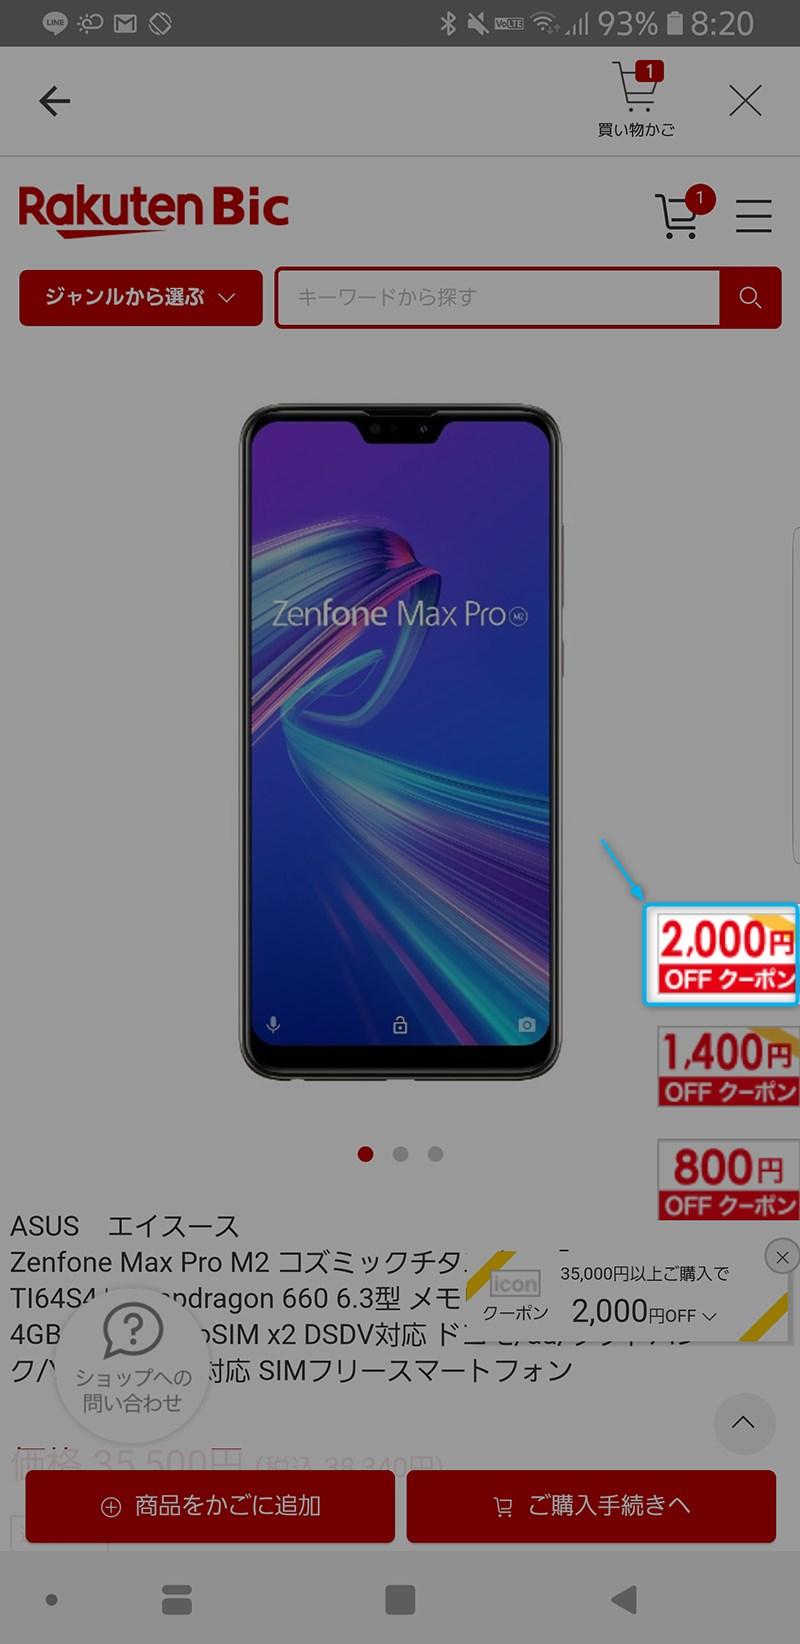 楽天ビック ASUS ZenFone Max Pro(M2) 商品ページ